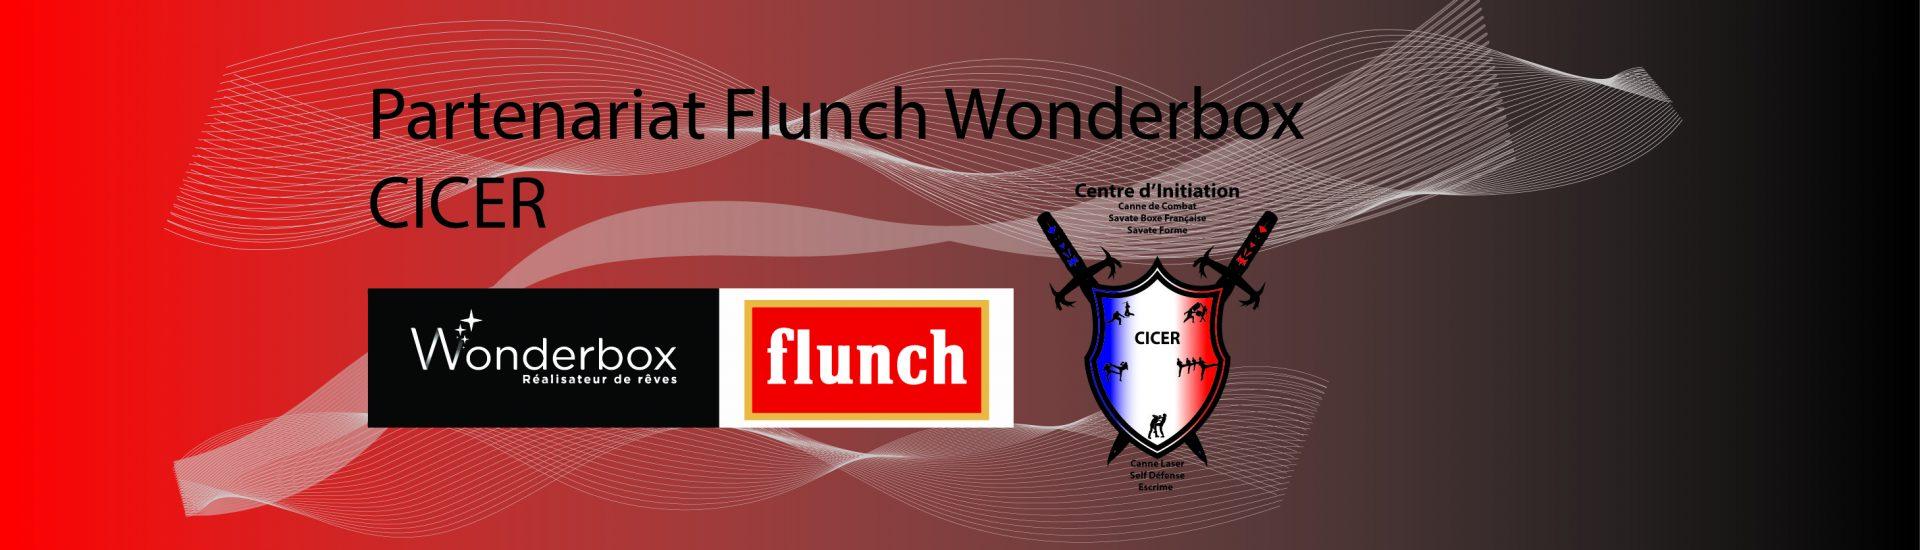 partenaria-flunch-wonderbox-cicer-une-01